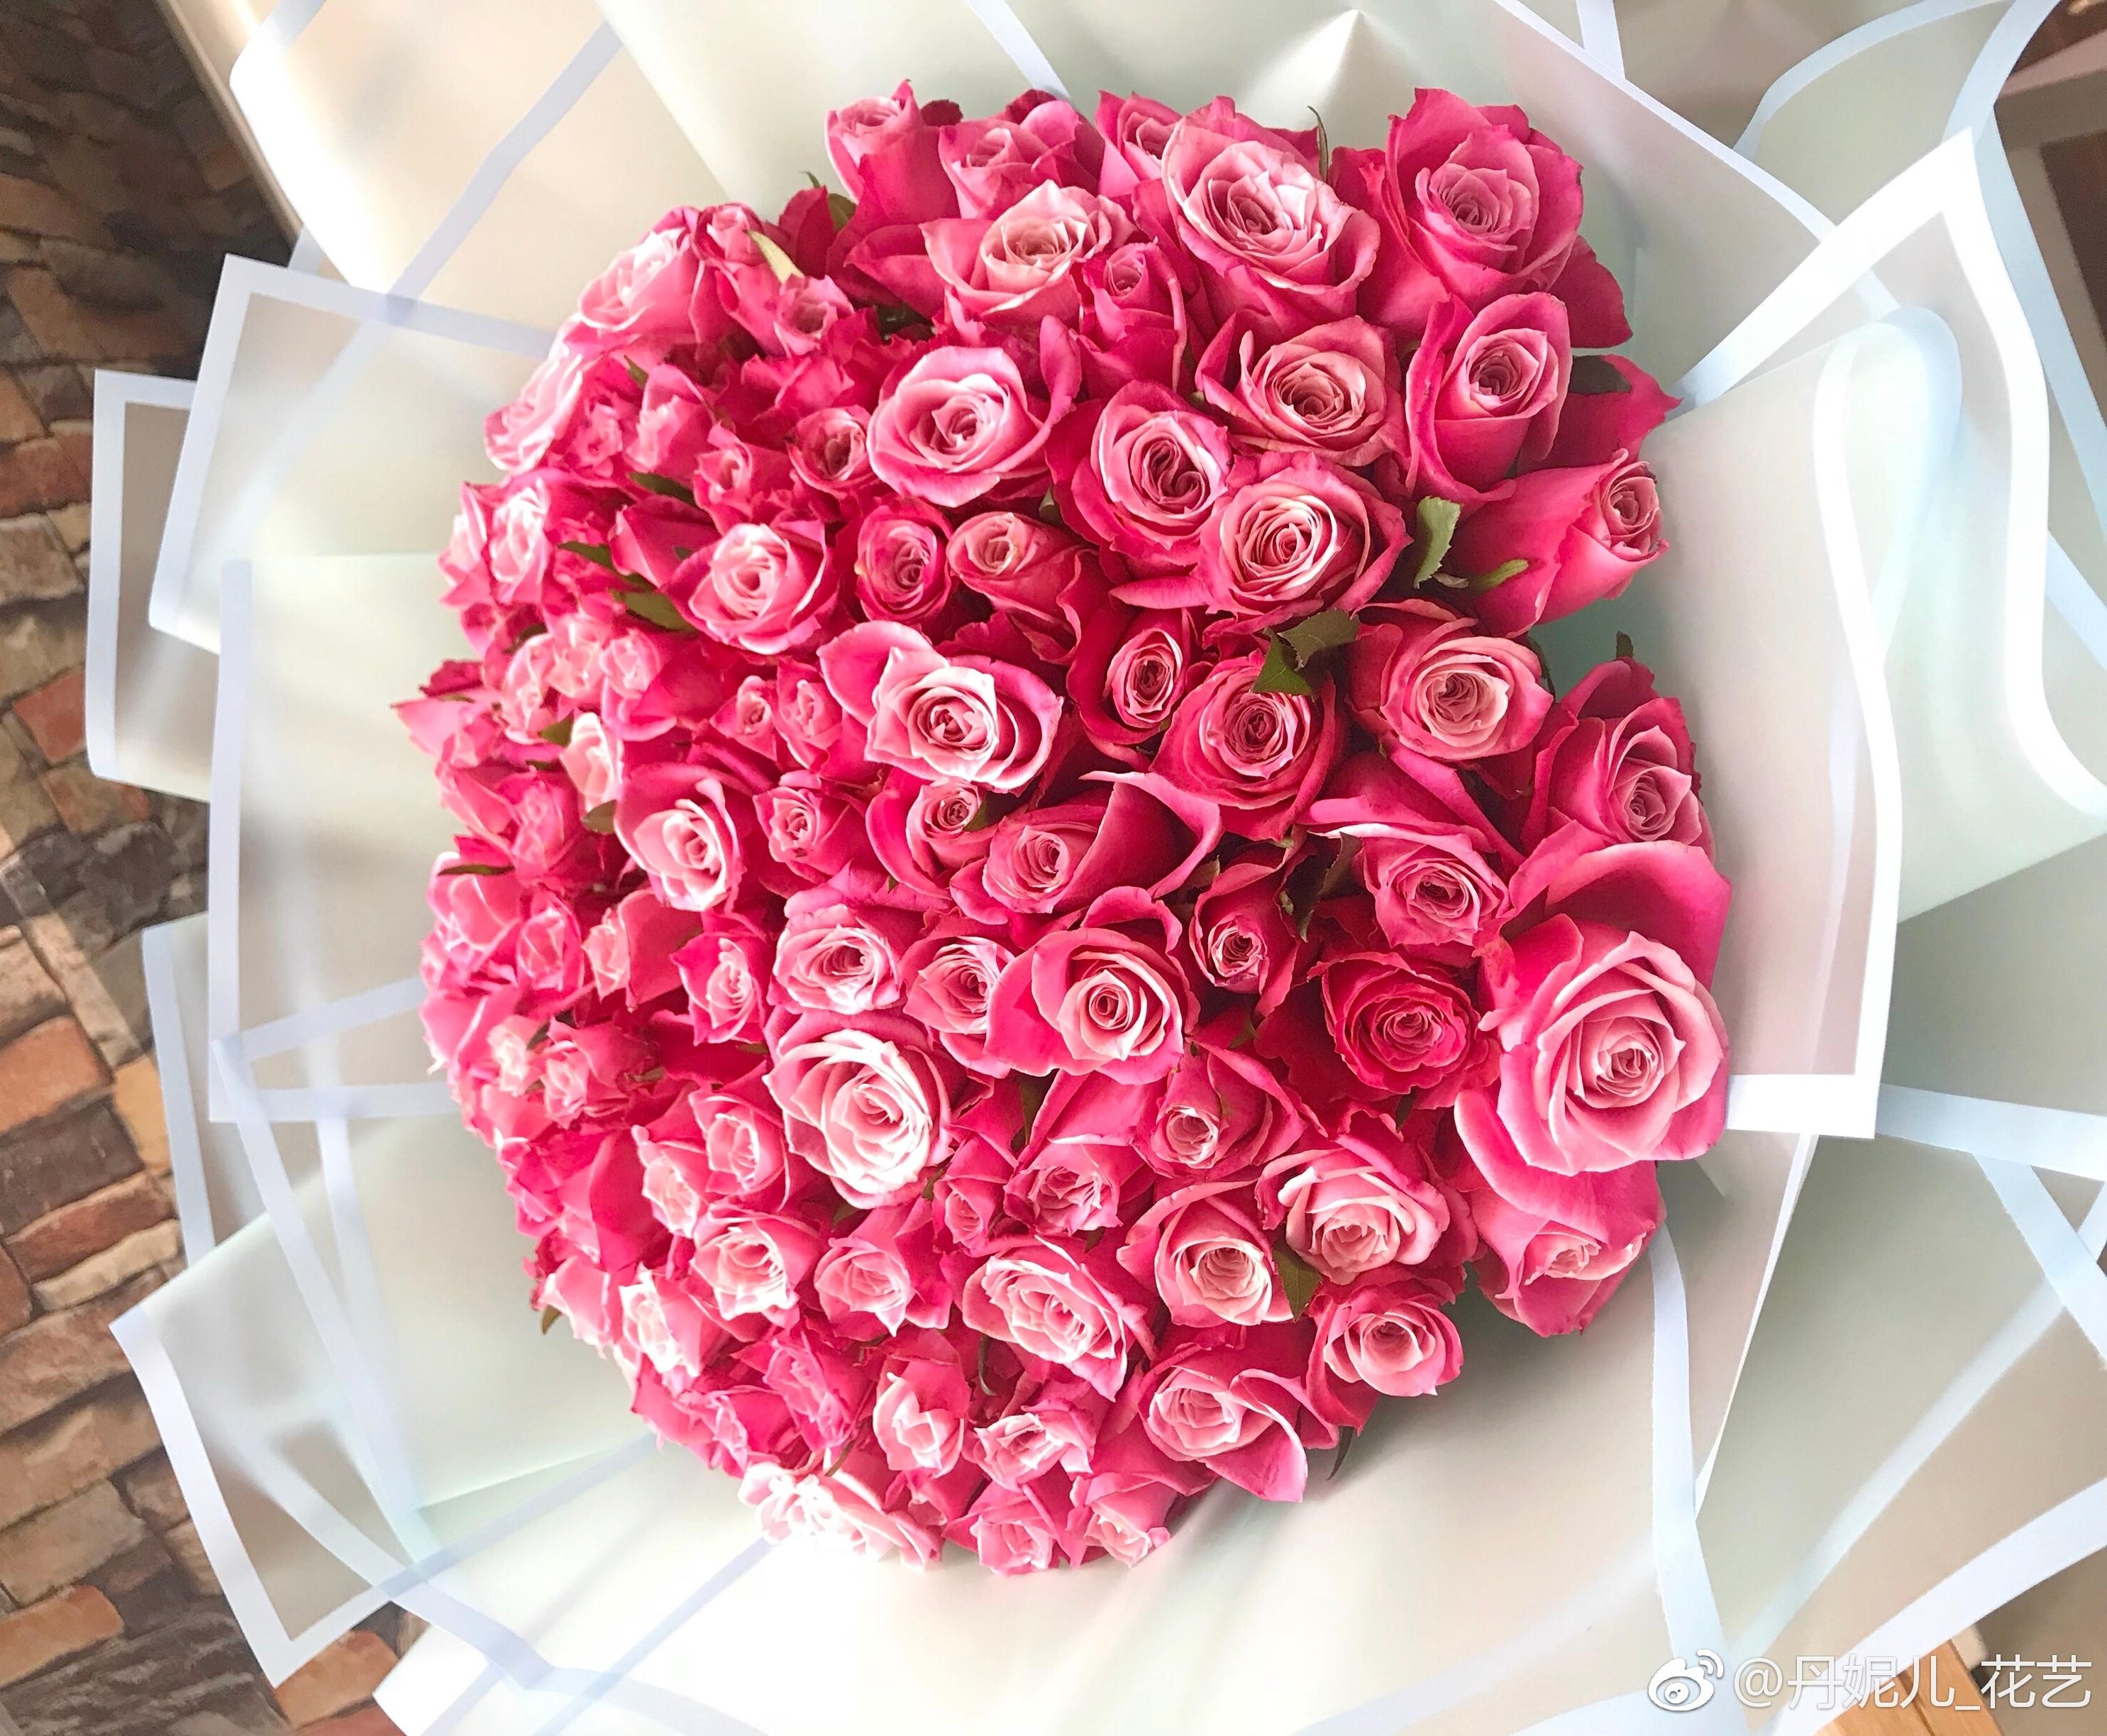 用钱做的花束图片高清_玫瑰花束图片大全99朵图片